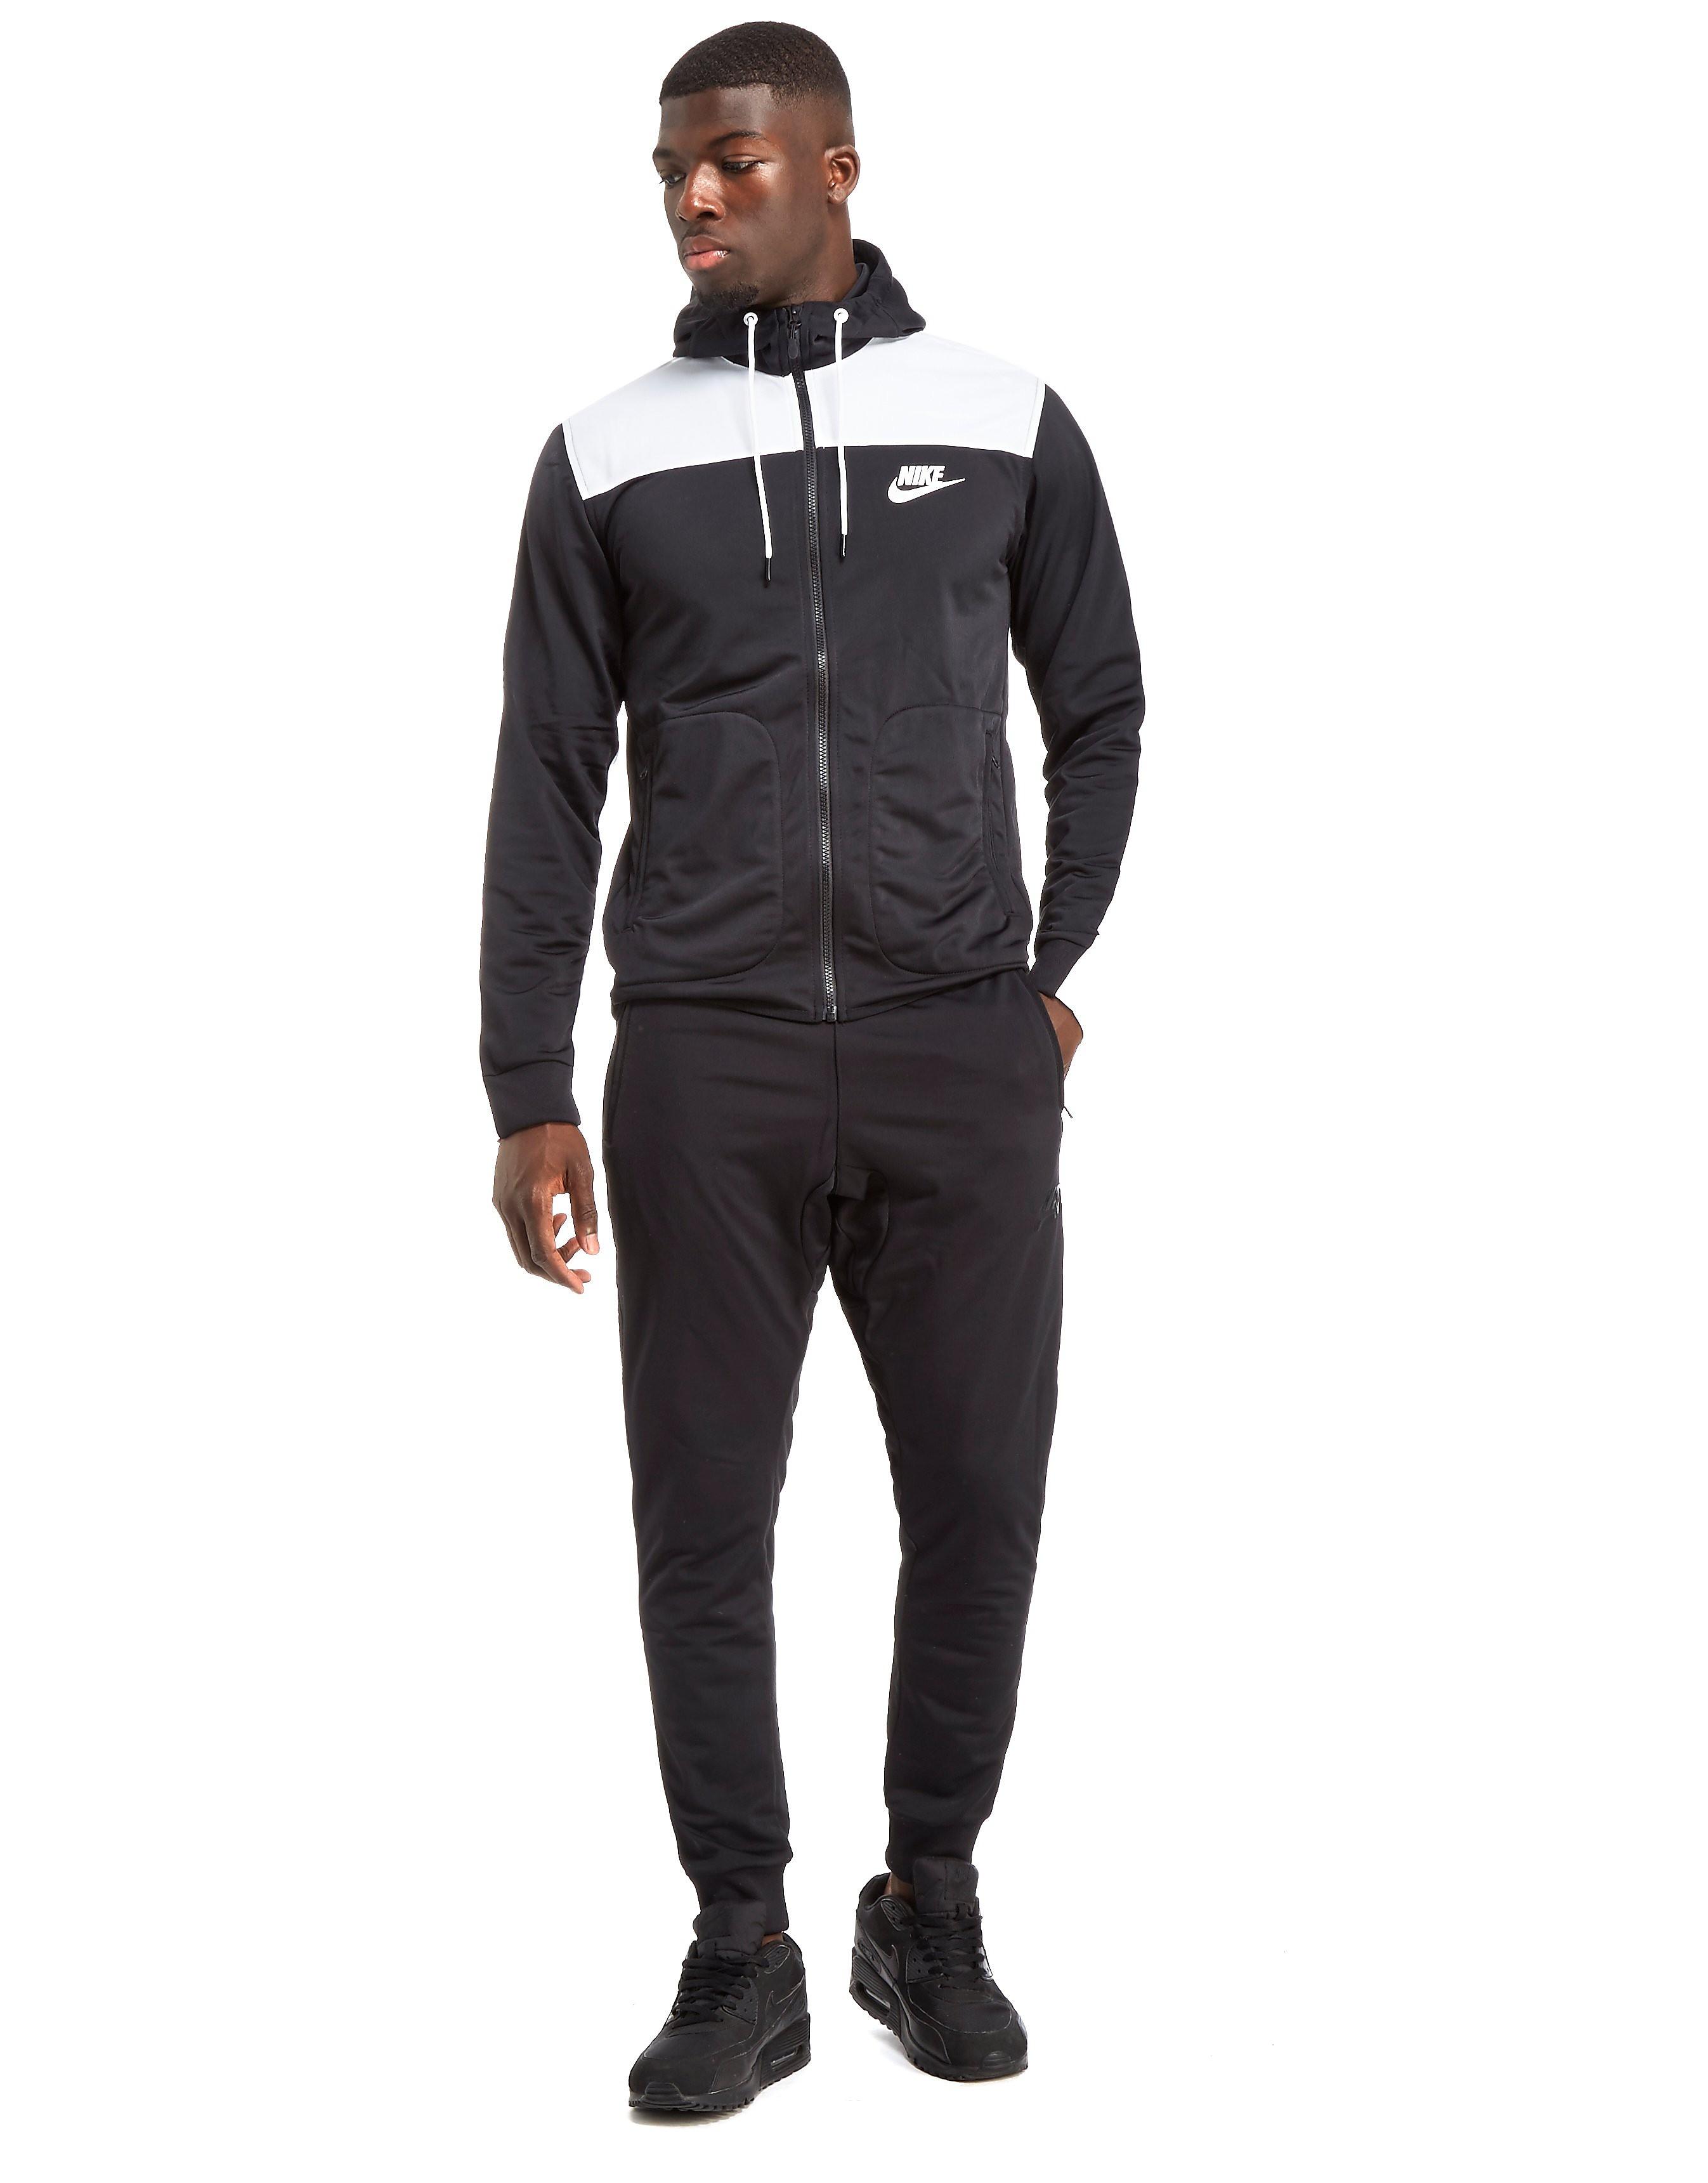 Nike Advance Suit